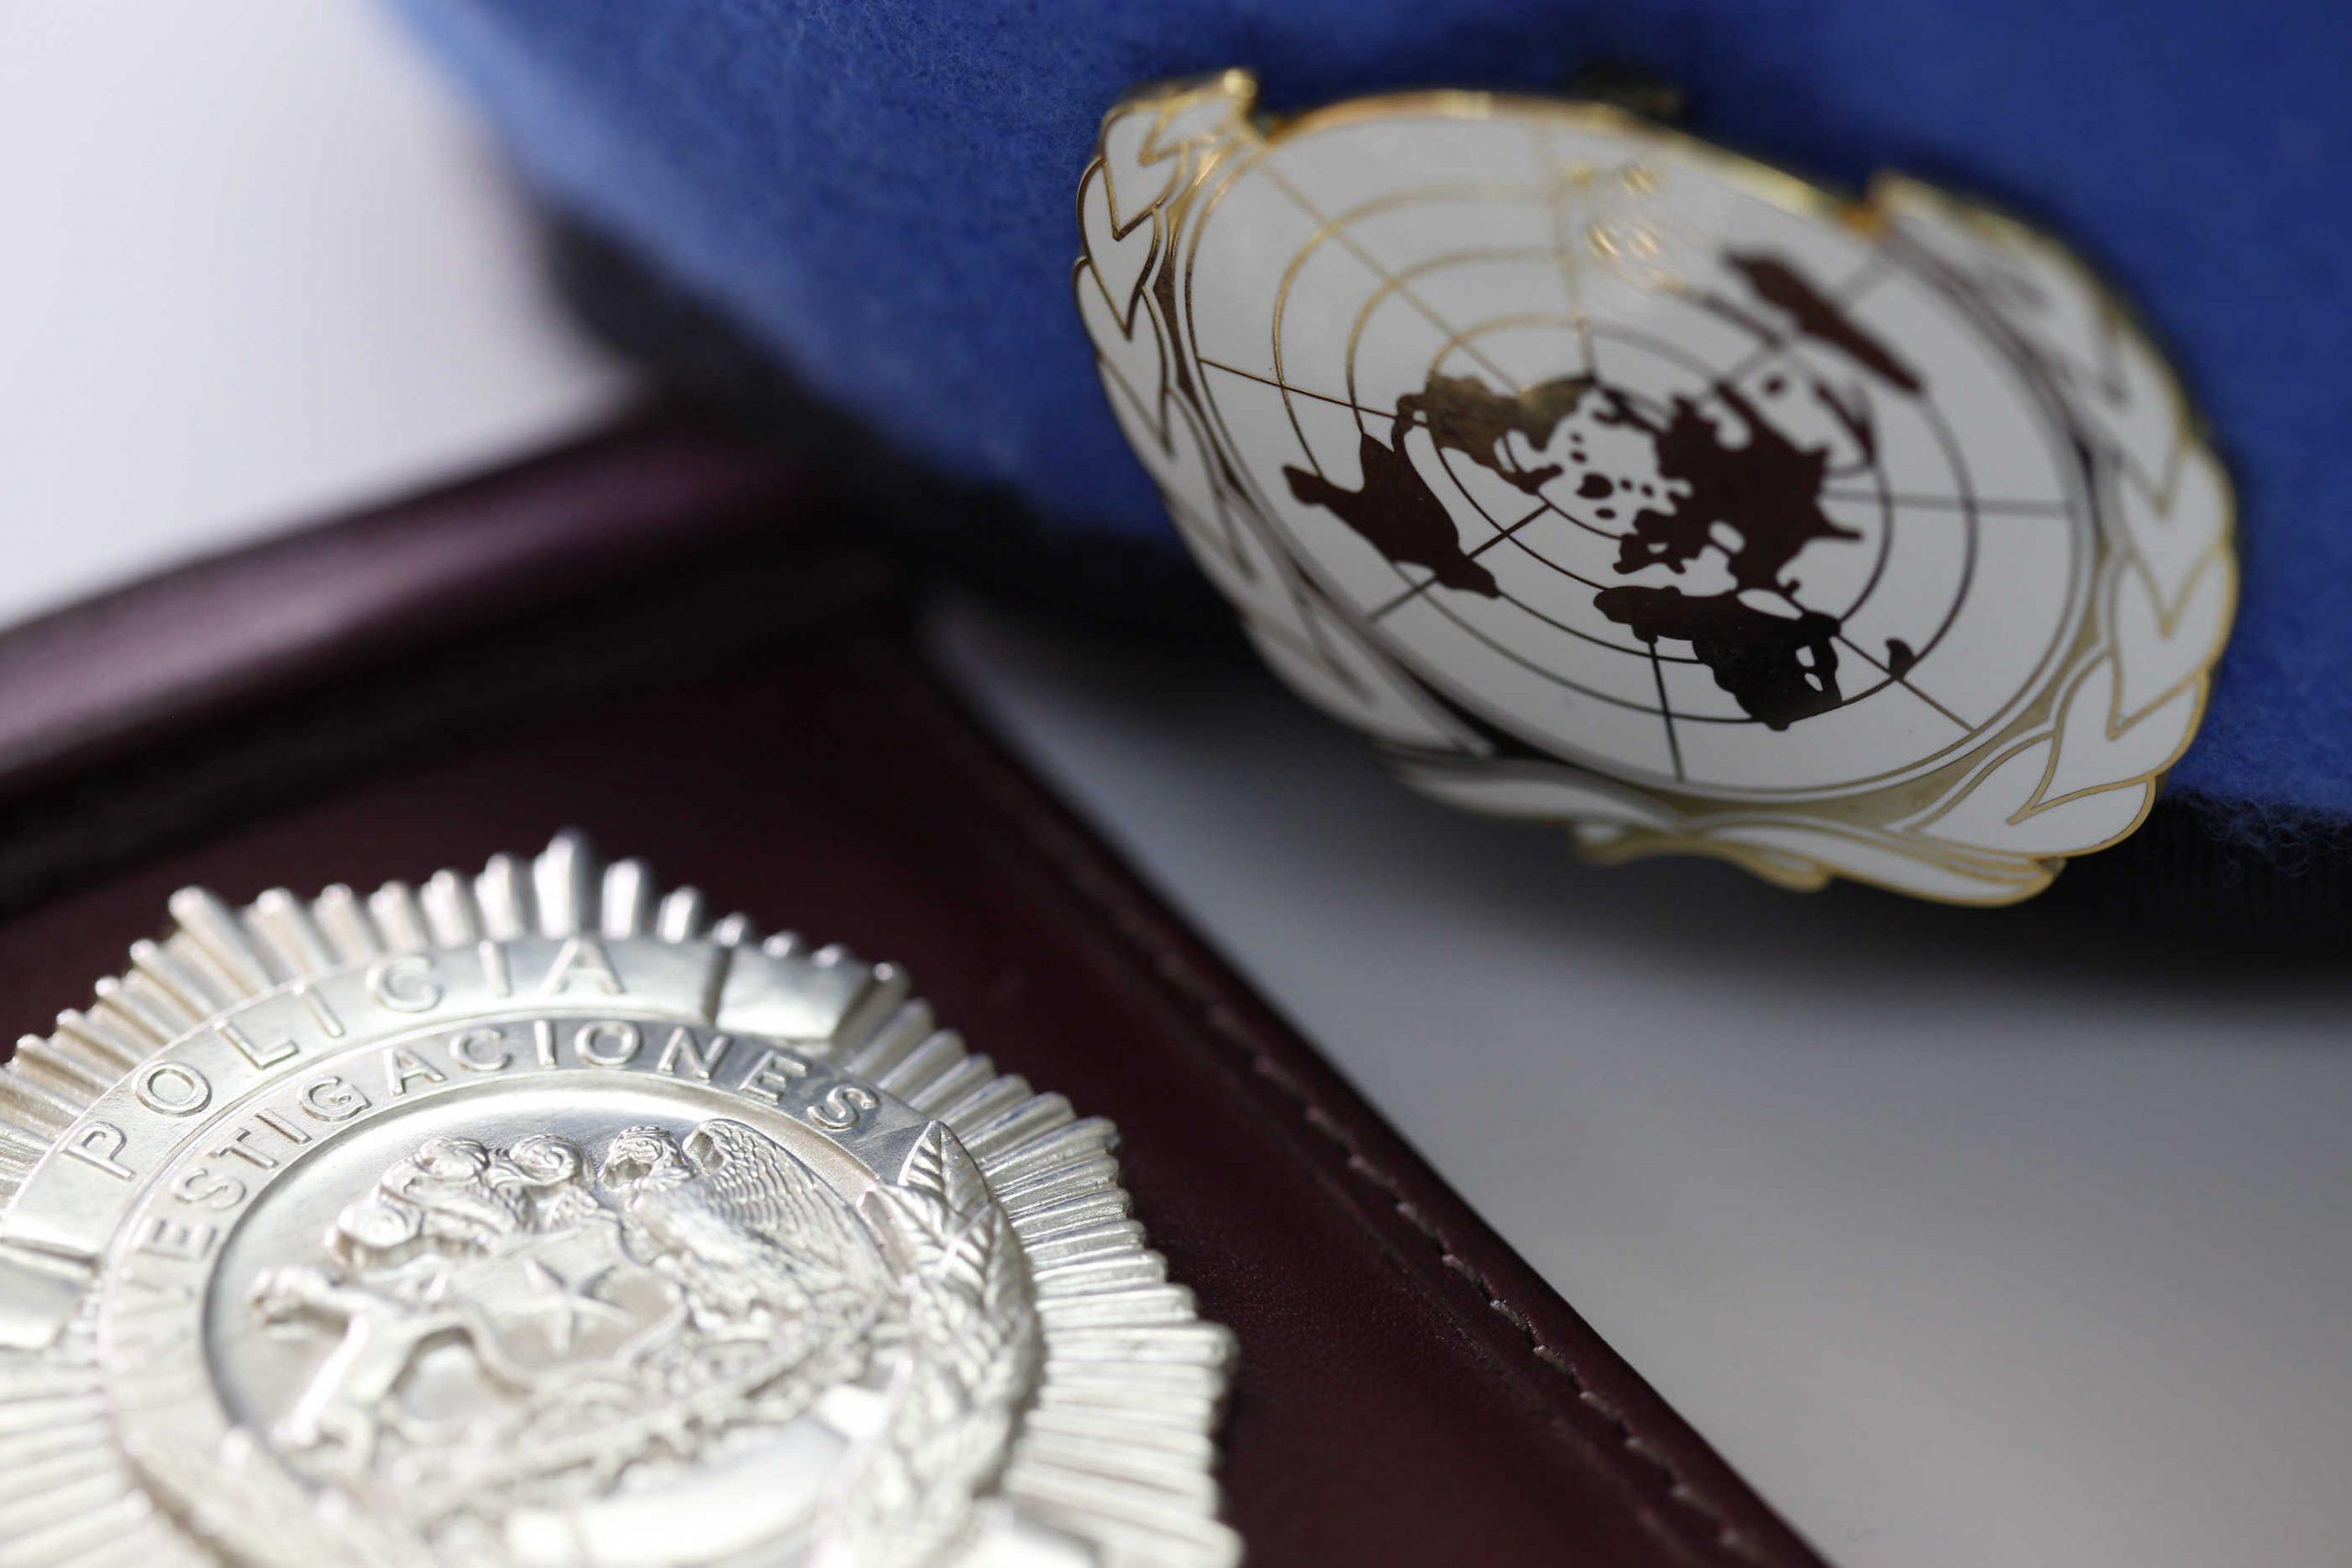 Formalizan octavo caso de tráfico de migrantes en un mes en Arica